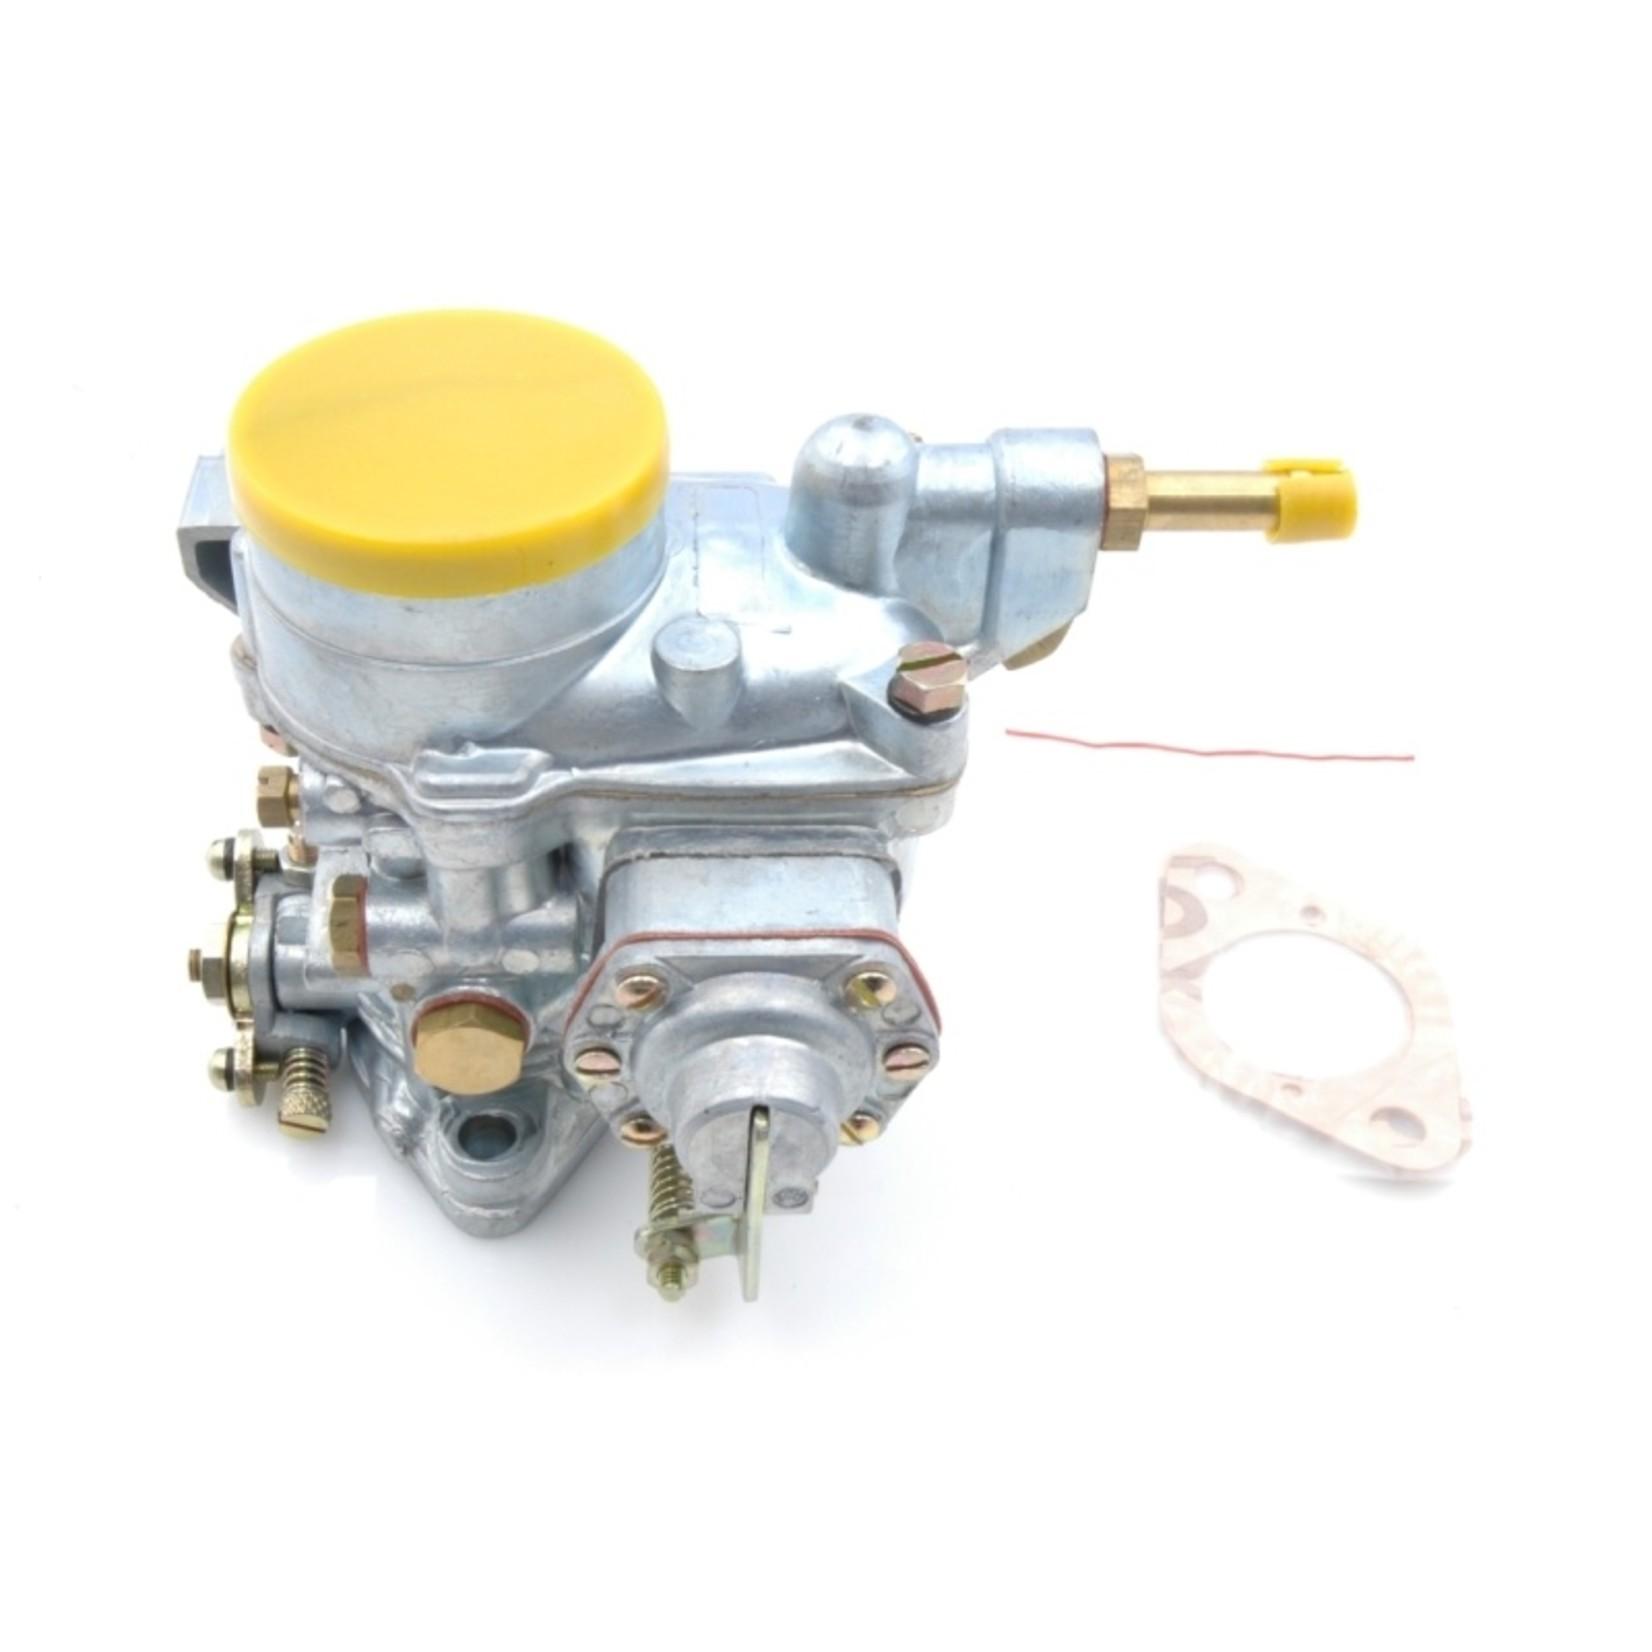 Carburador 65-68 Solex 34 PBIC